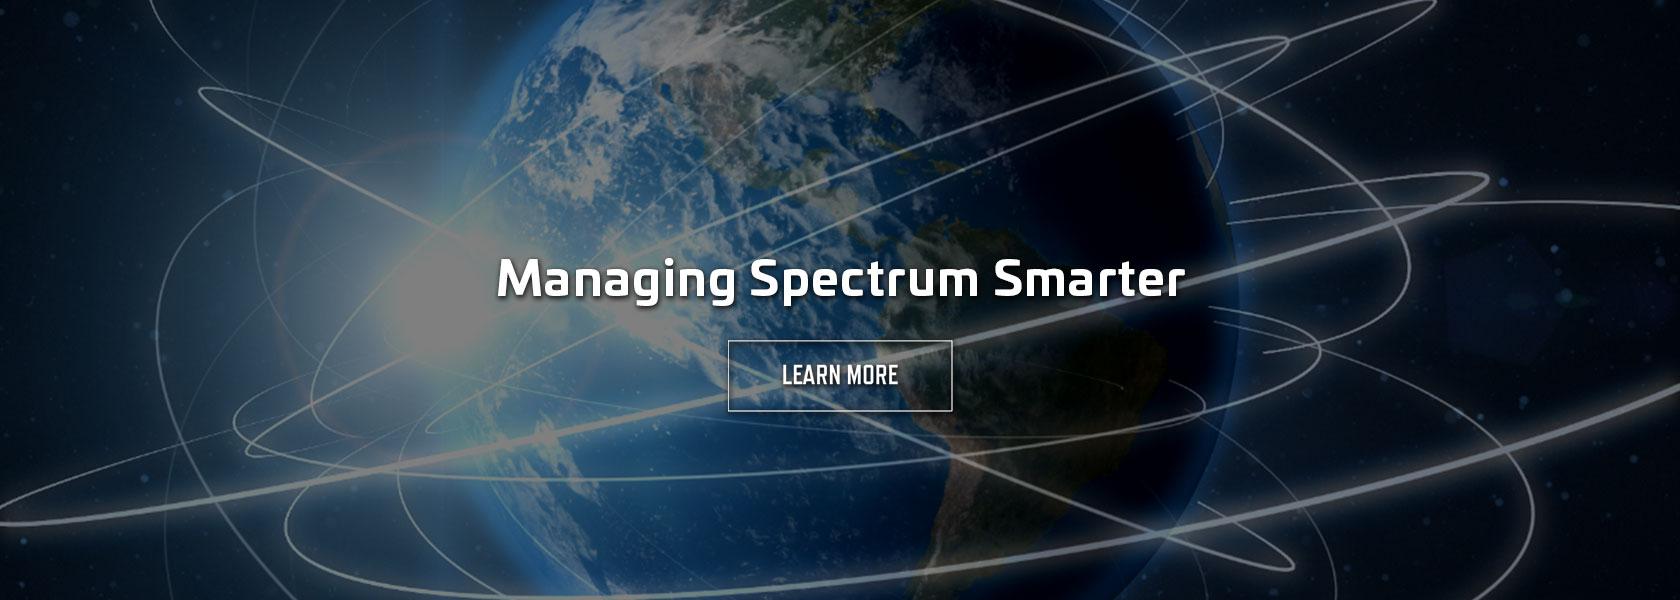 Managing Spectrum Smarter